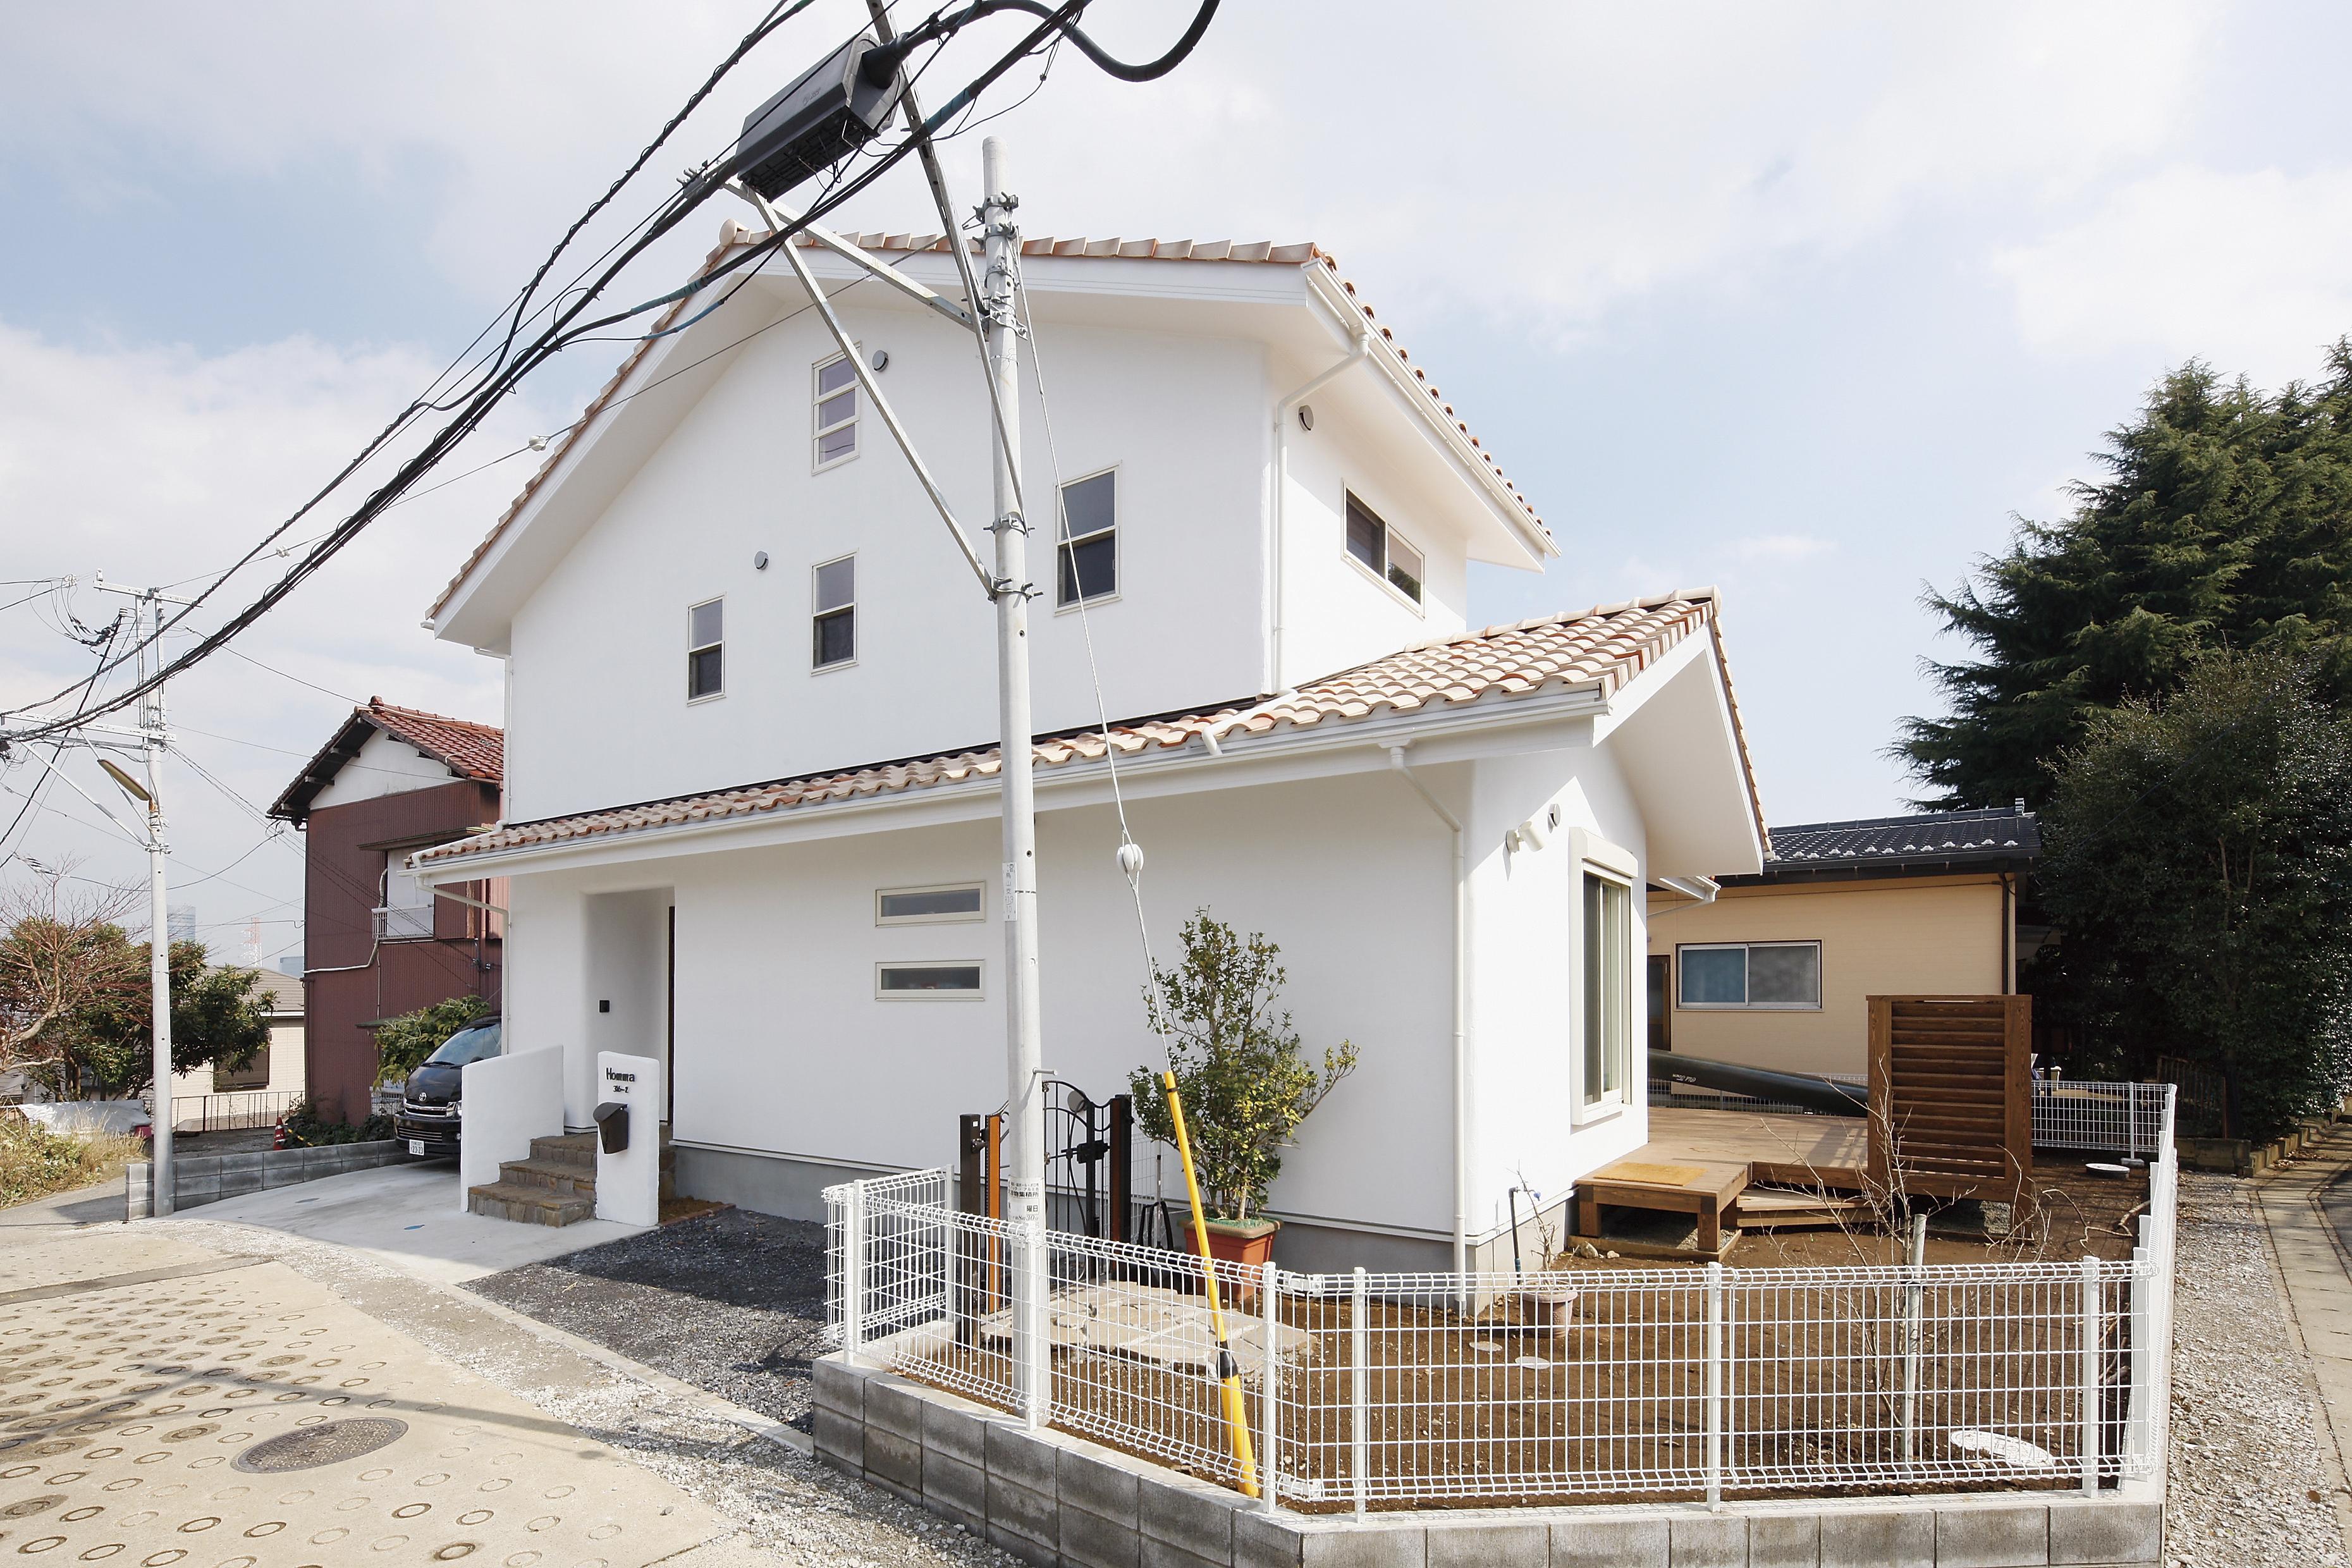 1. 横浜市に建つGrande casaにようこそ